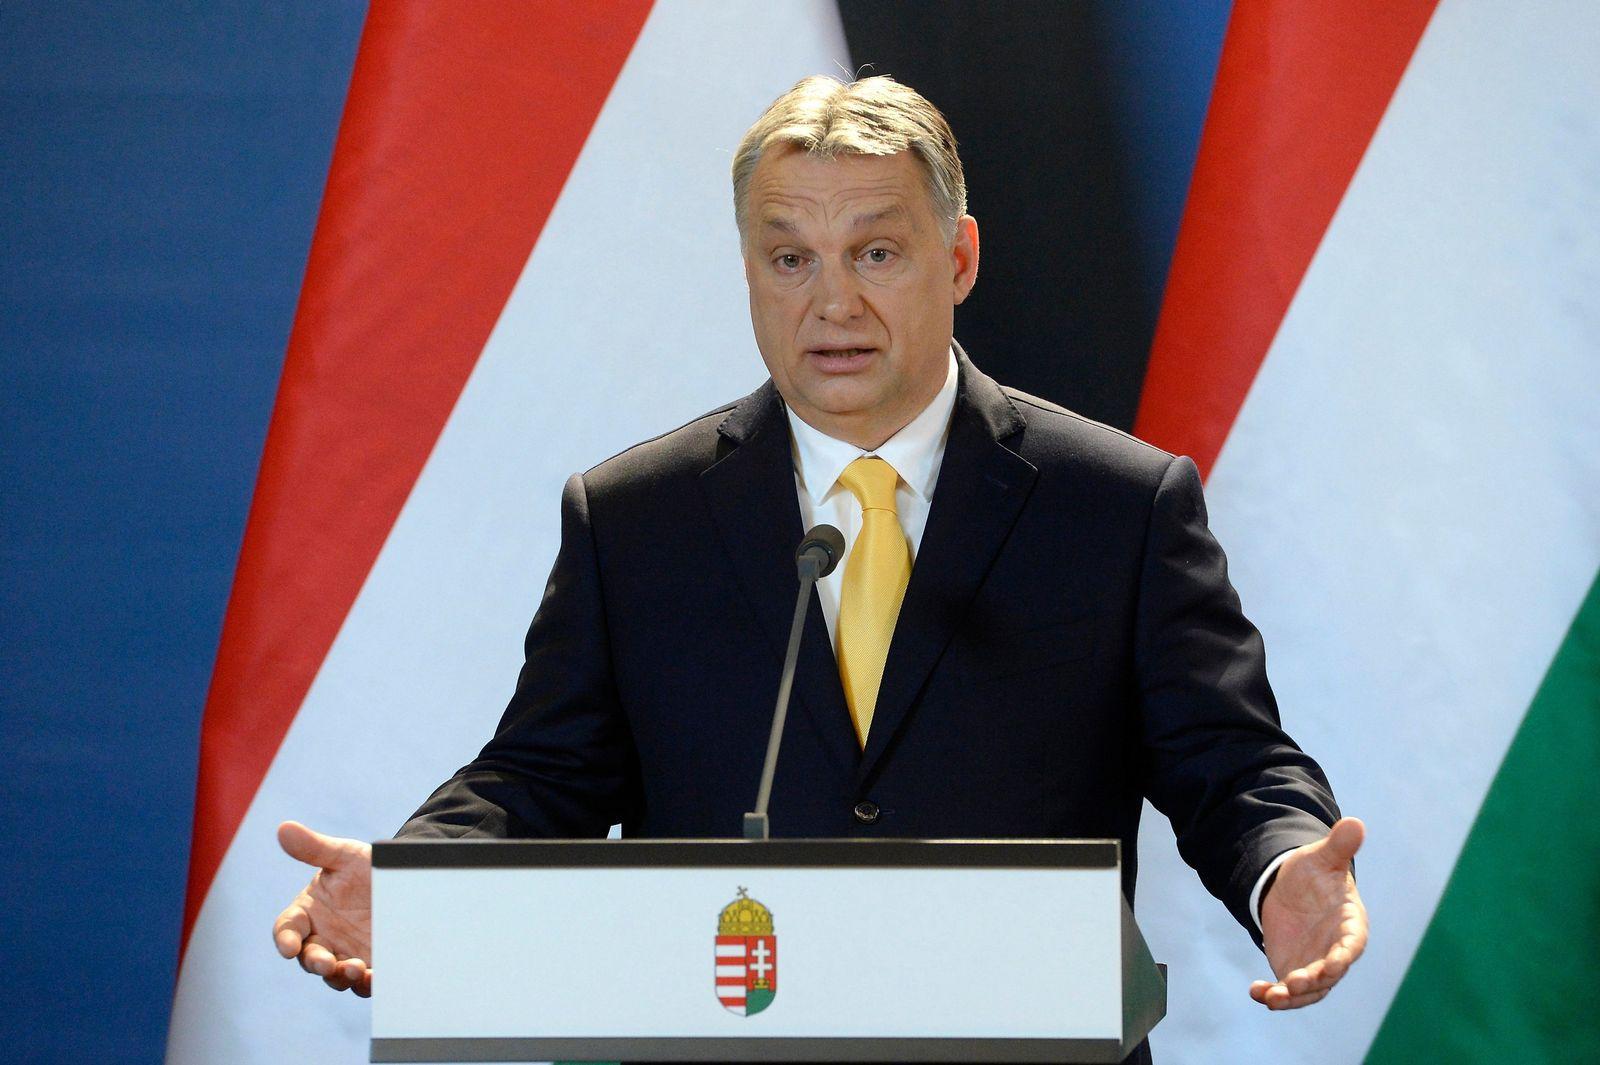 Nach den Wahlen in Ungarn